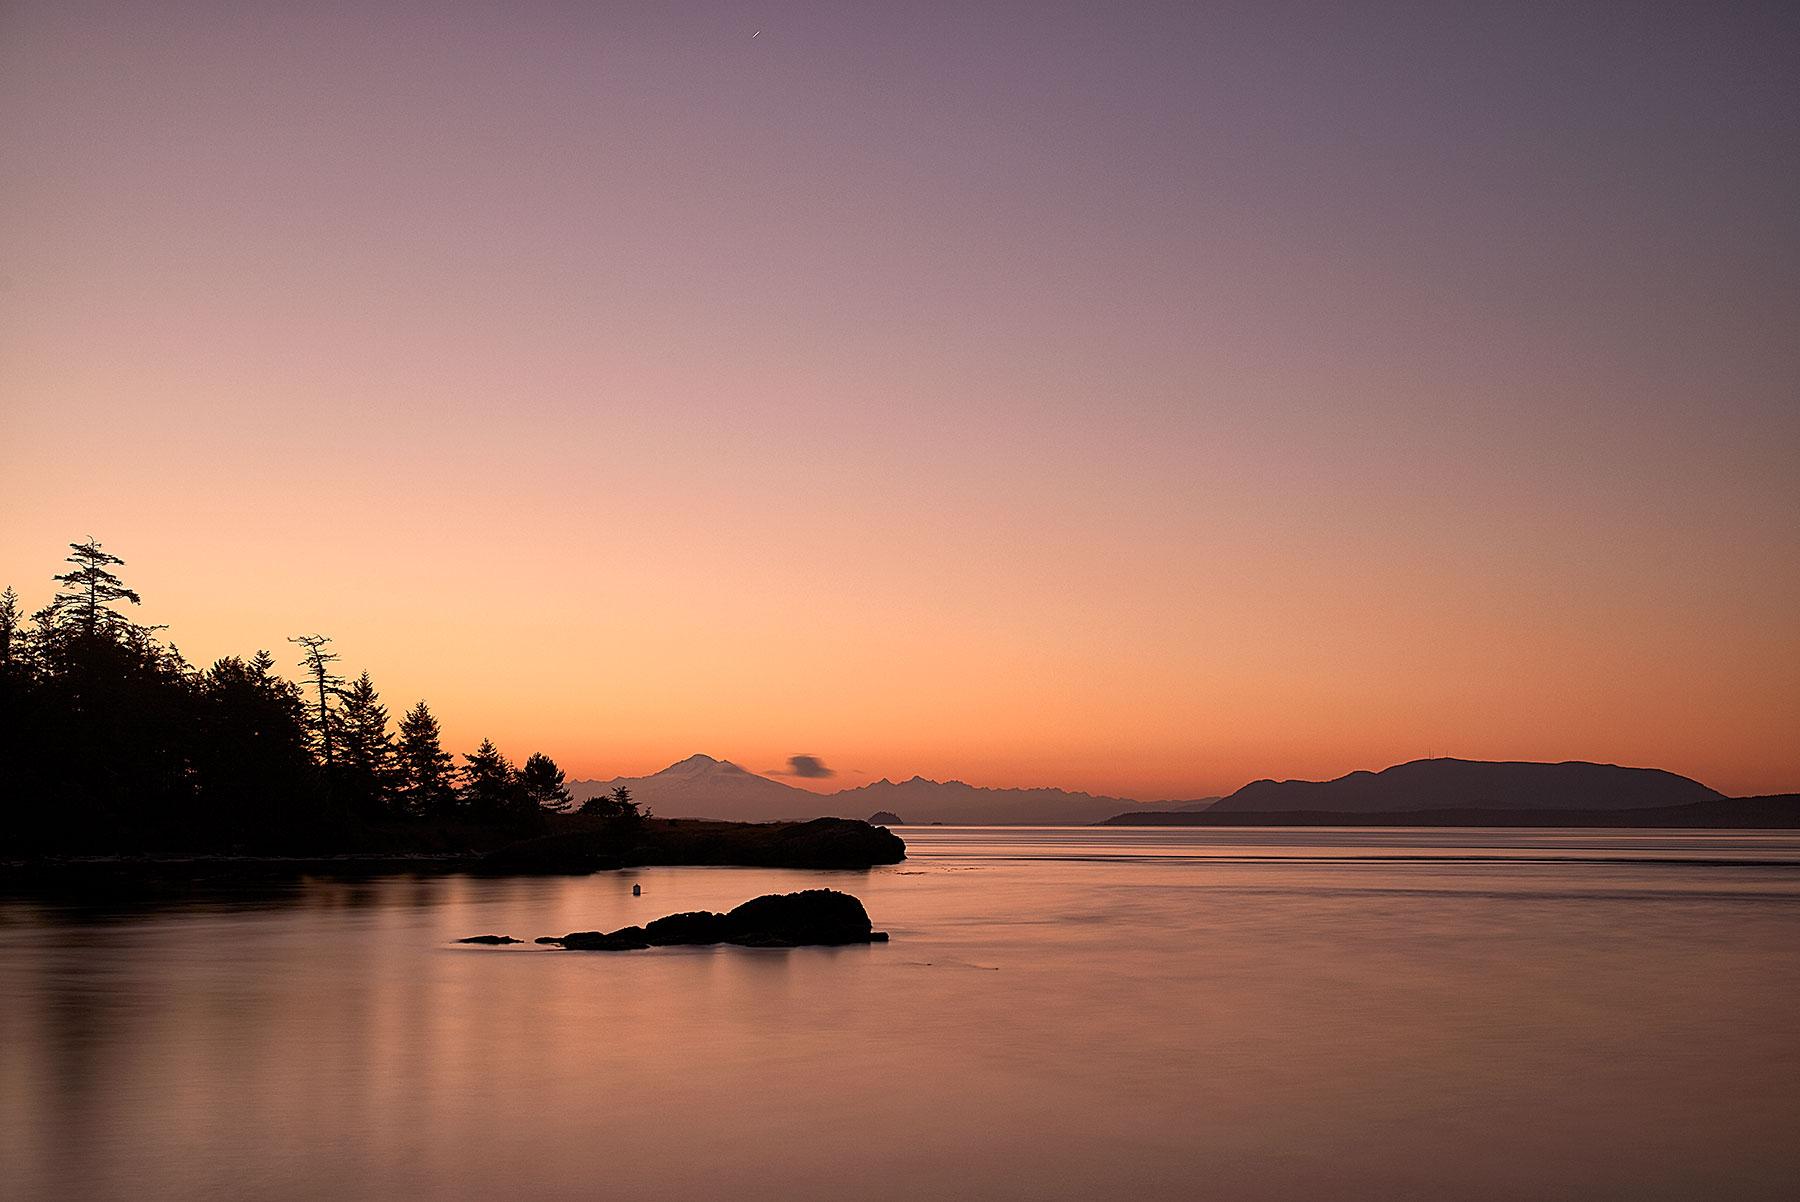 Serenity ©johncameron.ca